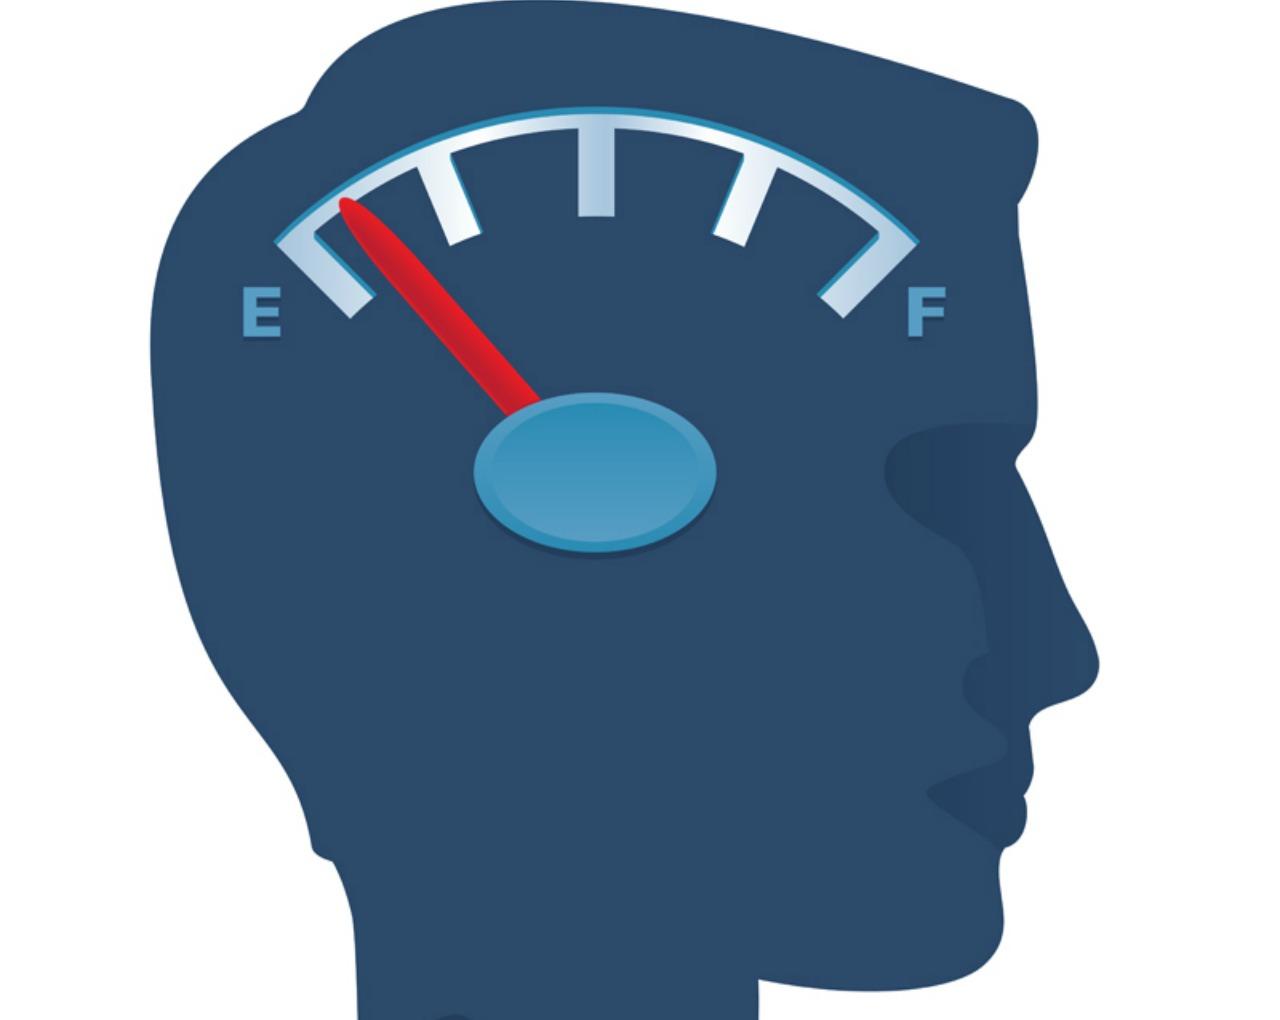 Yorgun düşmüş bir beyin neden yanlış kararlar vermemize neden olur?